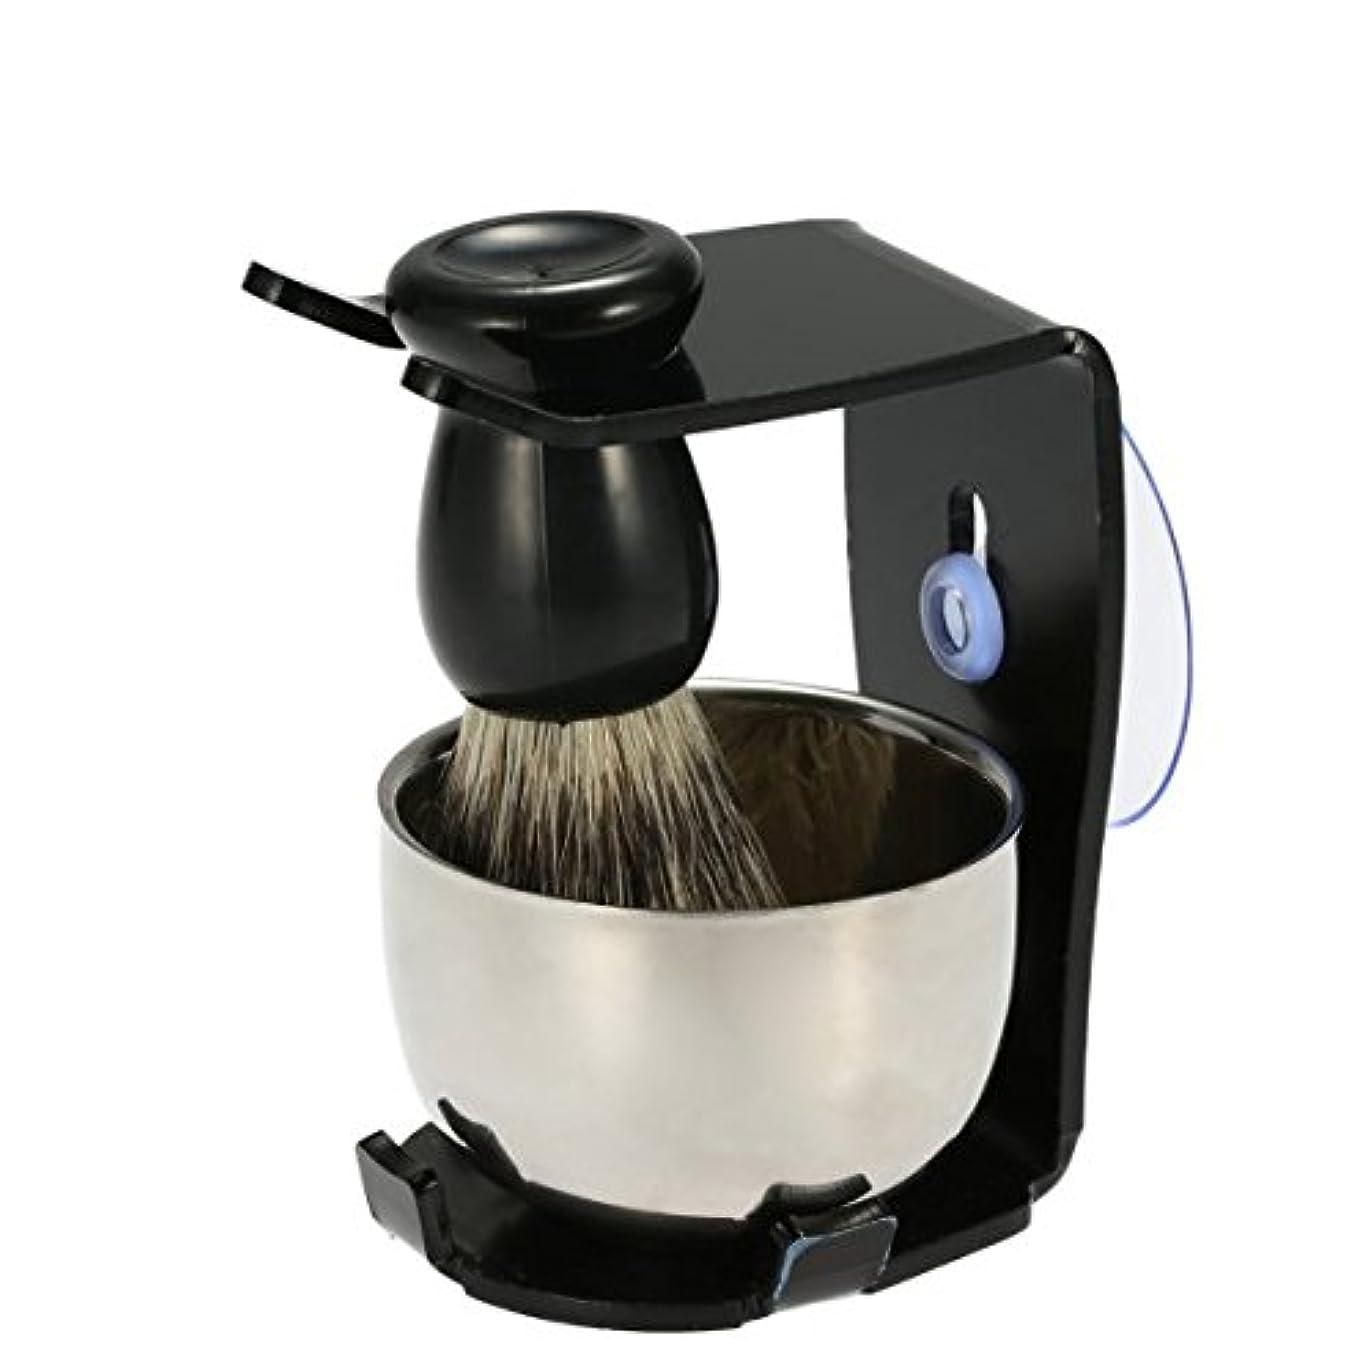 ポゴスティックジャンプ真面目な異常3 In 1 Men's Shaving Razor Set Badger Hair Shaving Brush Stand Razor Holder